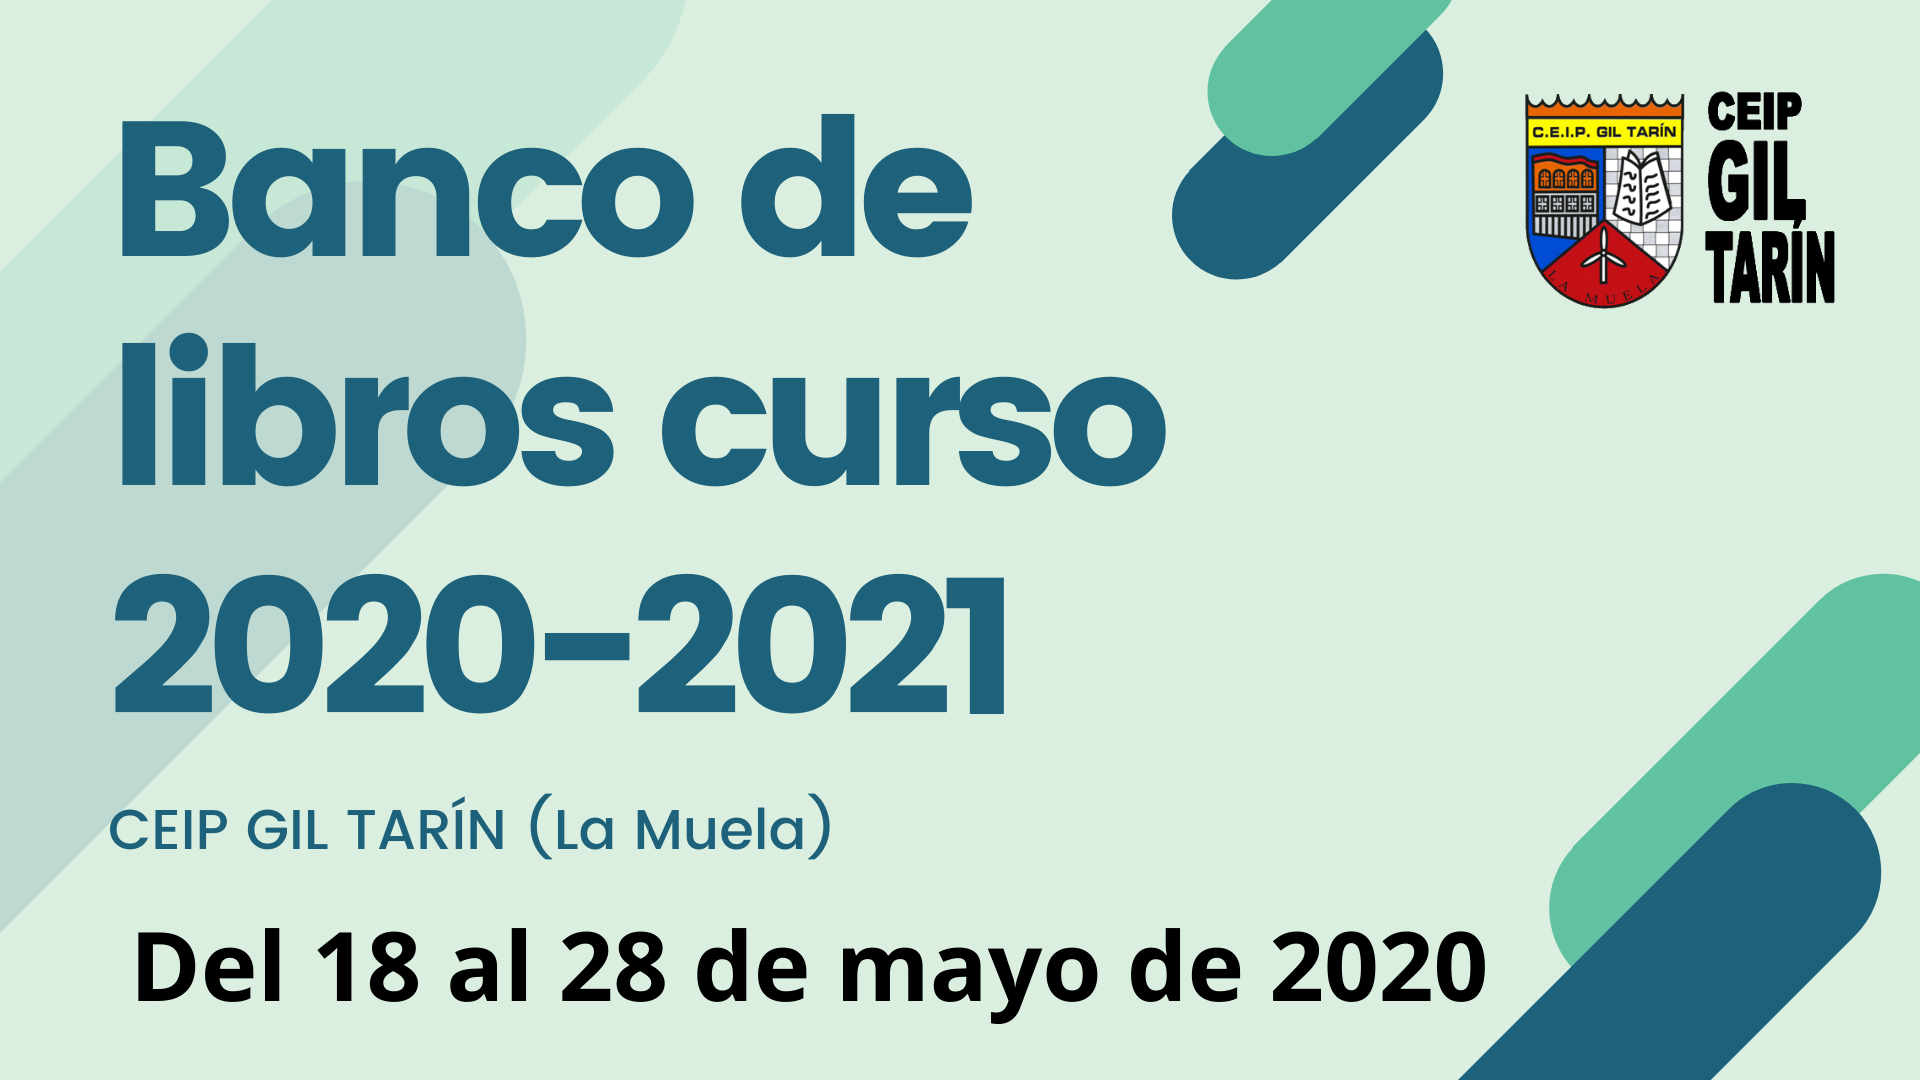 Banco de libros CEIP Gil Tarín 2020-2021